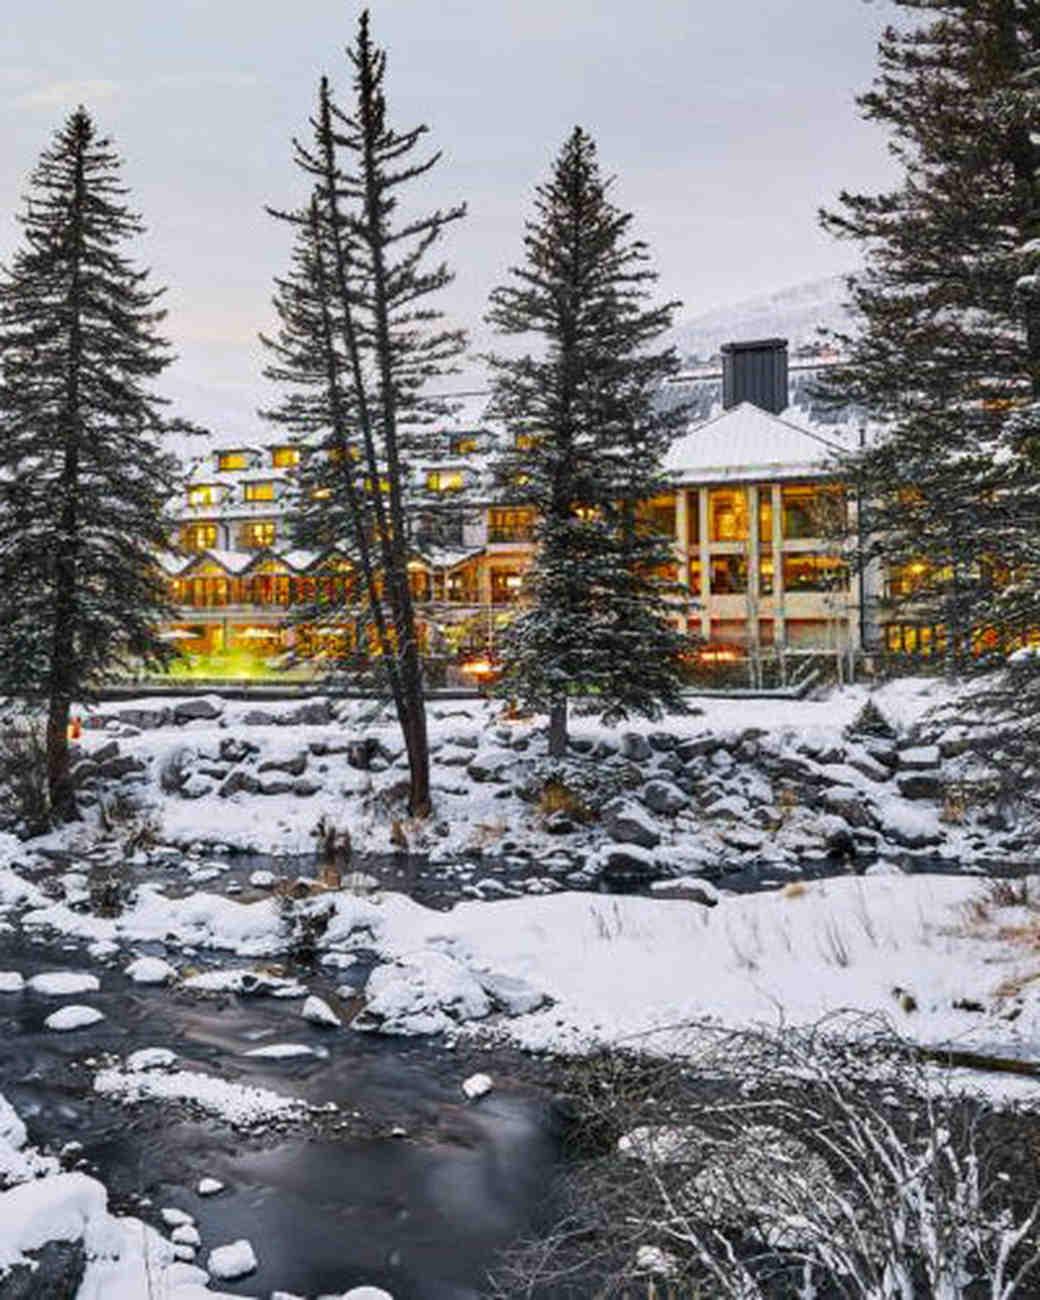 new venue winter scene lodge evergreens